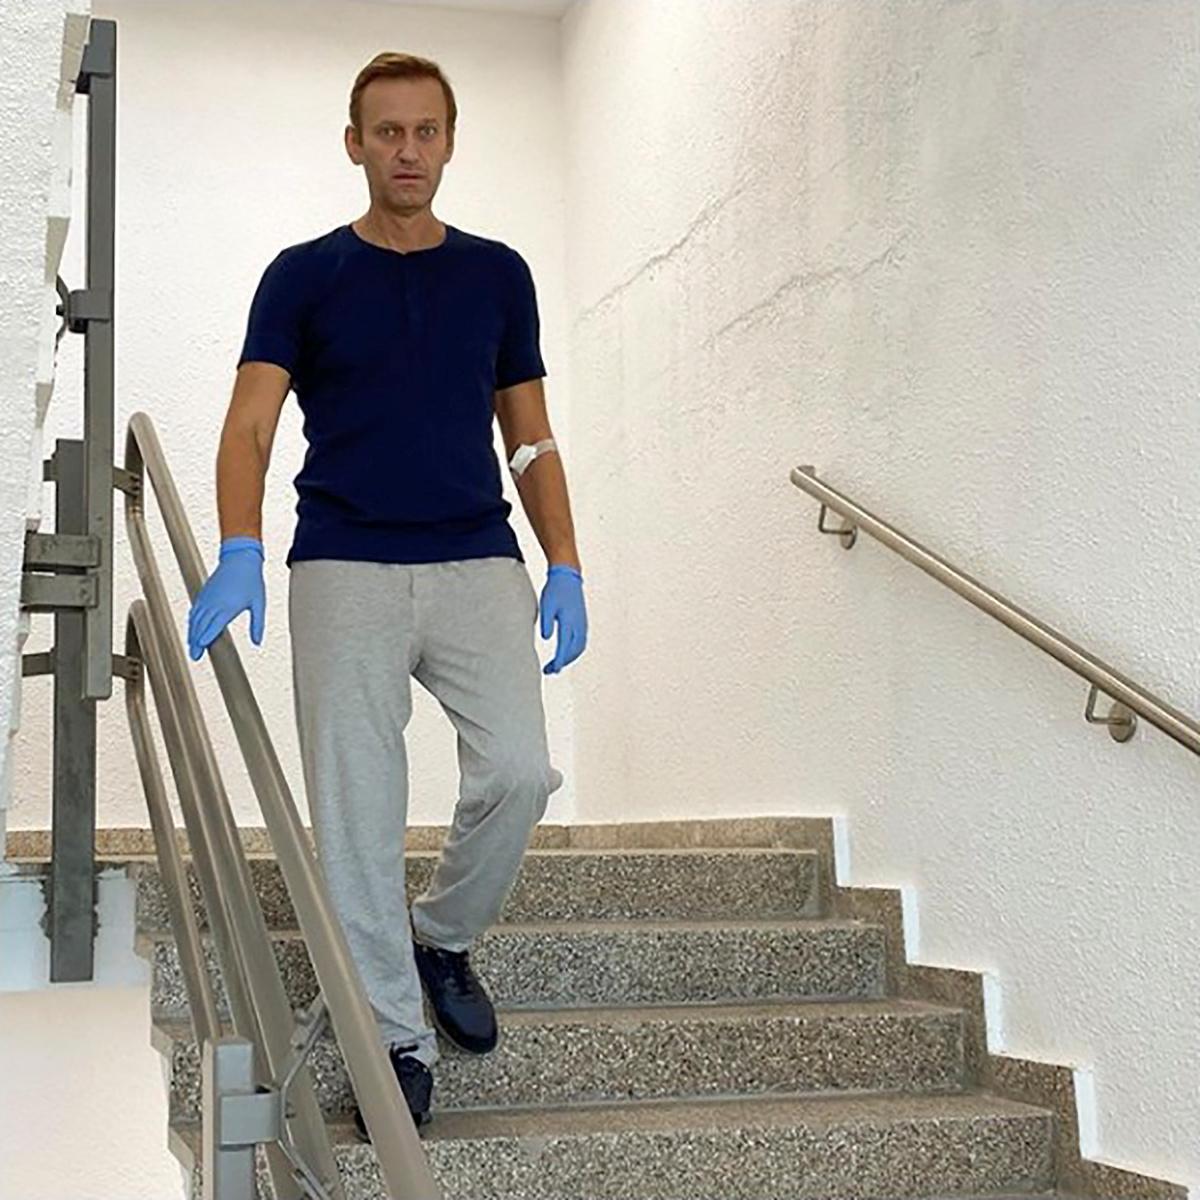 L'opposant russe Alexeï Navalny publie une photo et dit que sa santé s'améliore